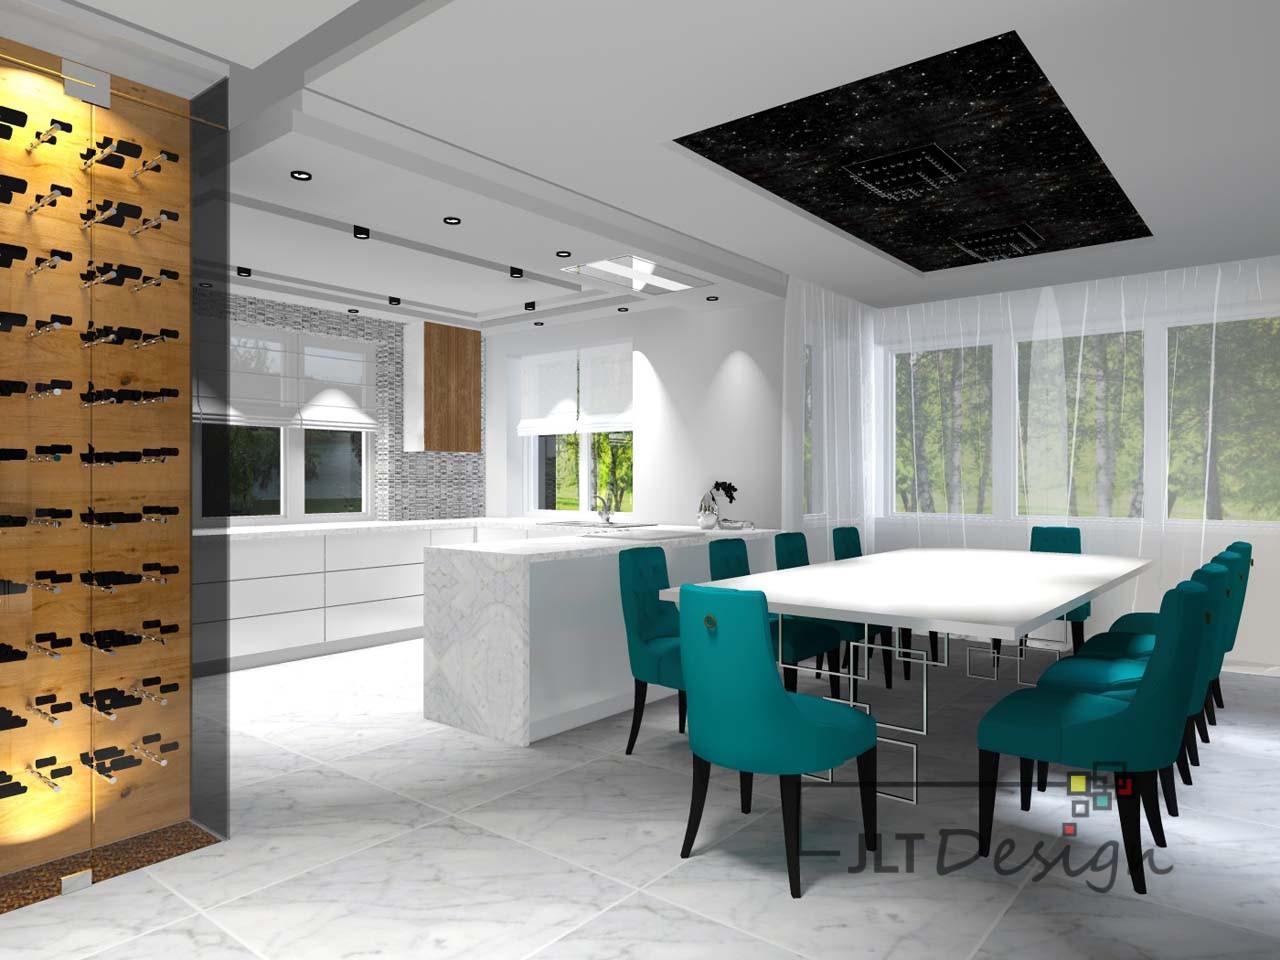 dom nad jeziorem jlt design bydgoszcz. Black Bedroom Furniture Sets. Home Design Ideas